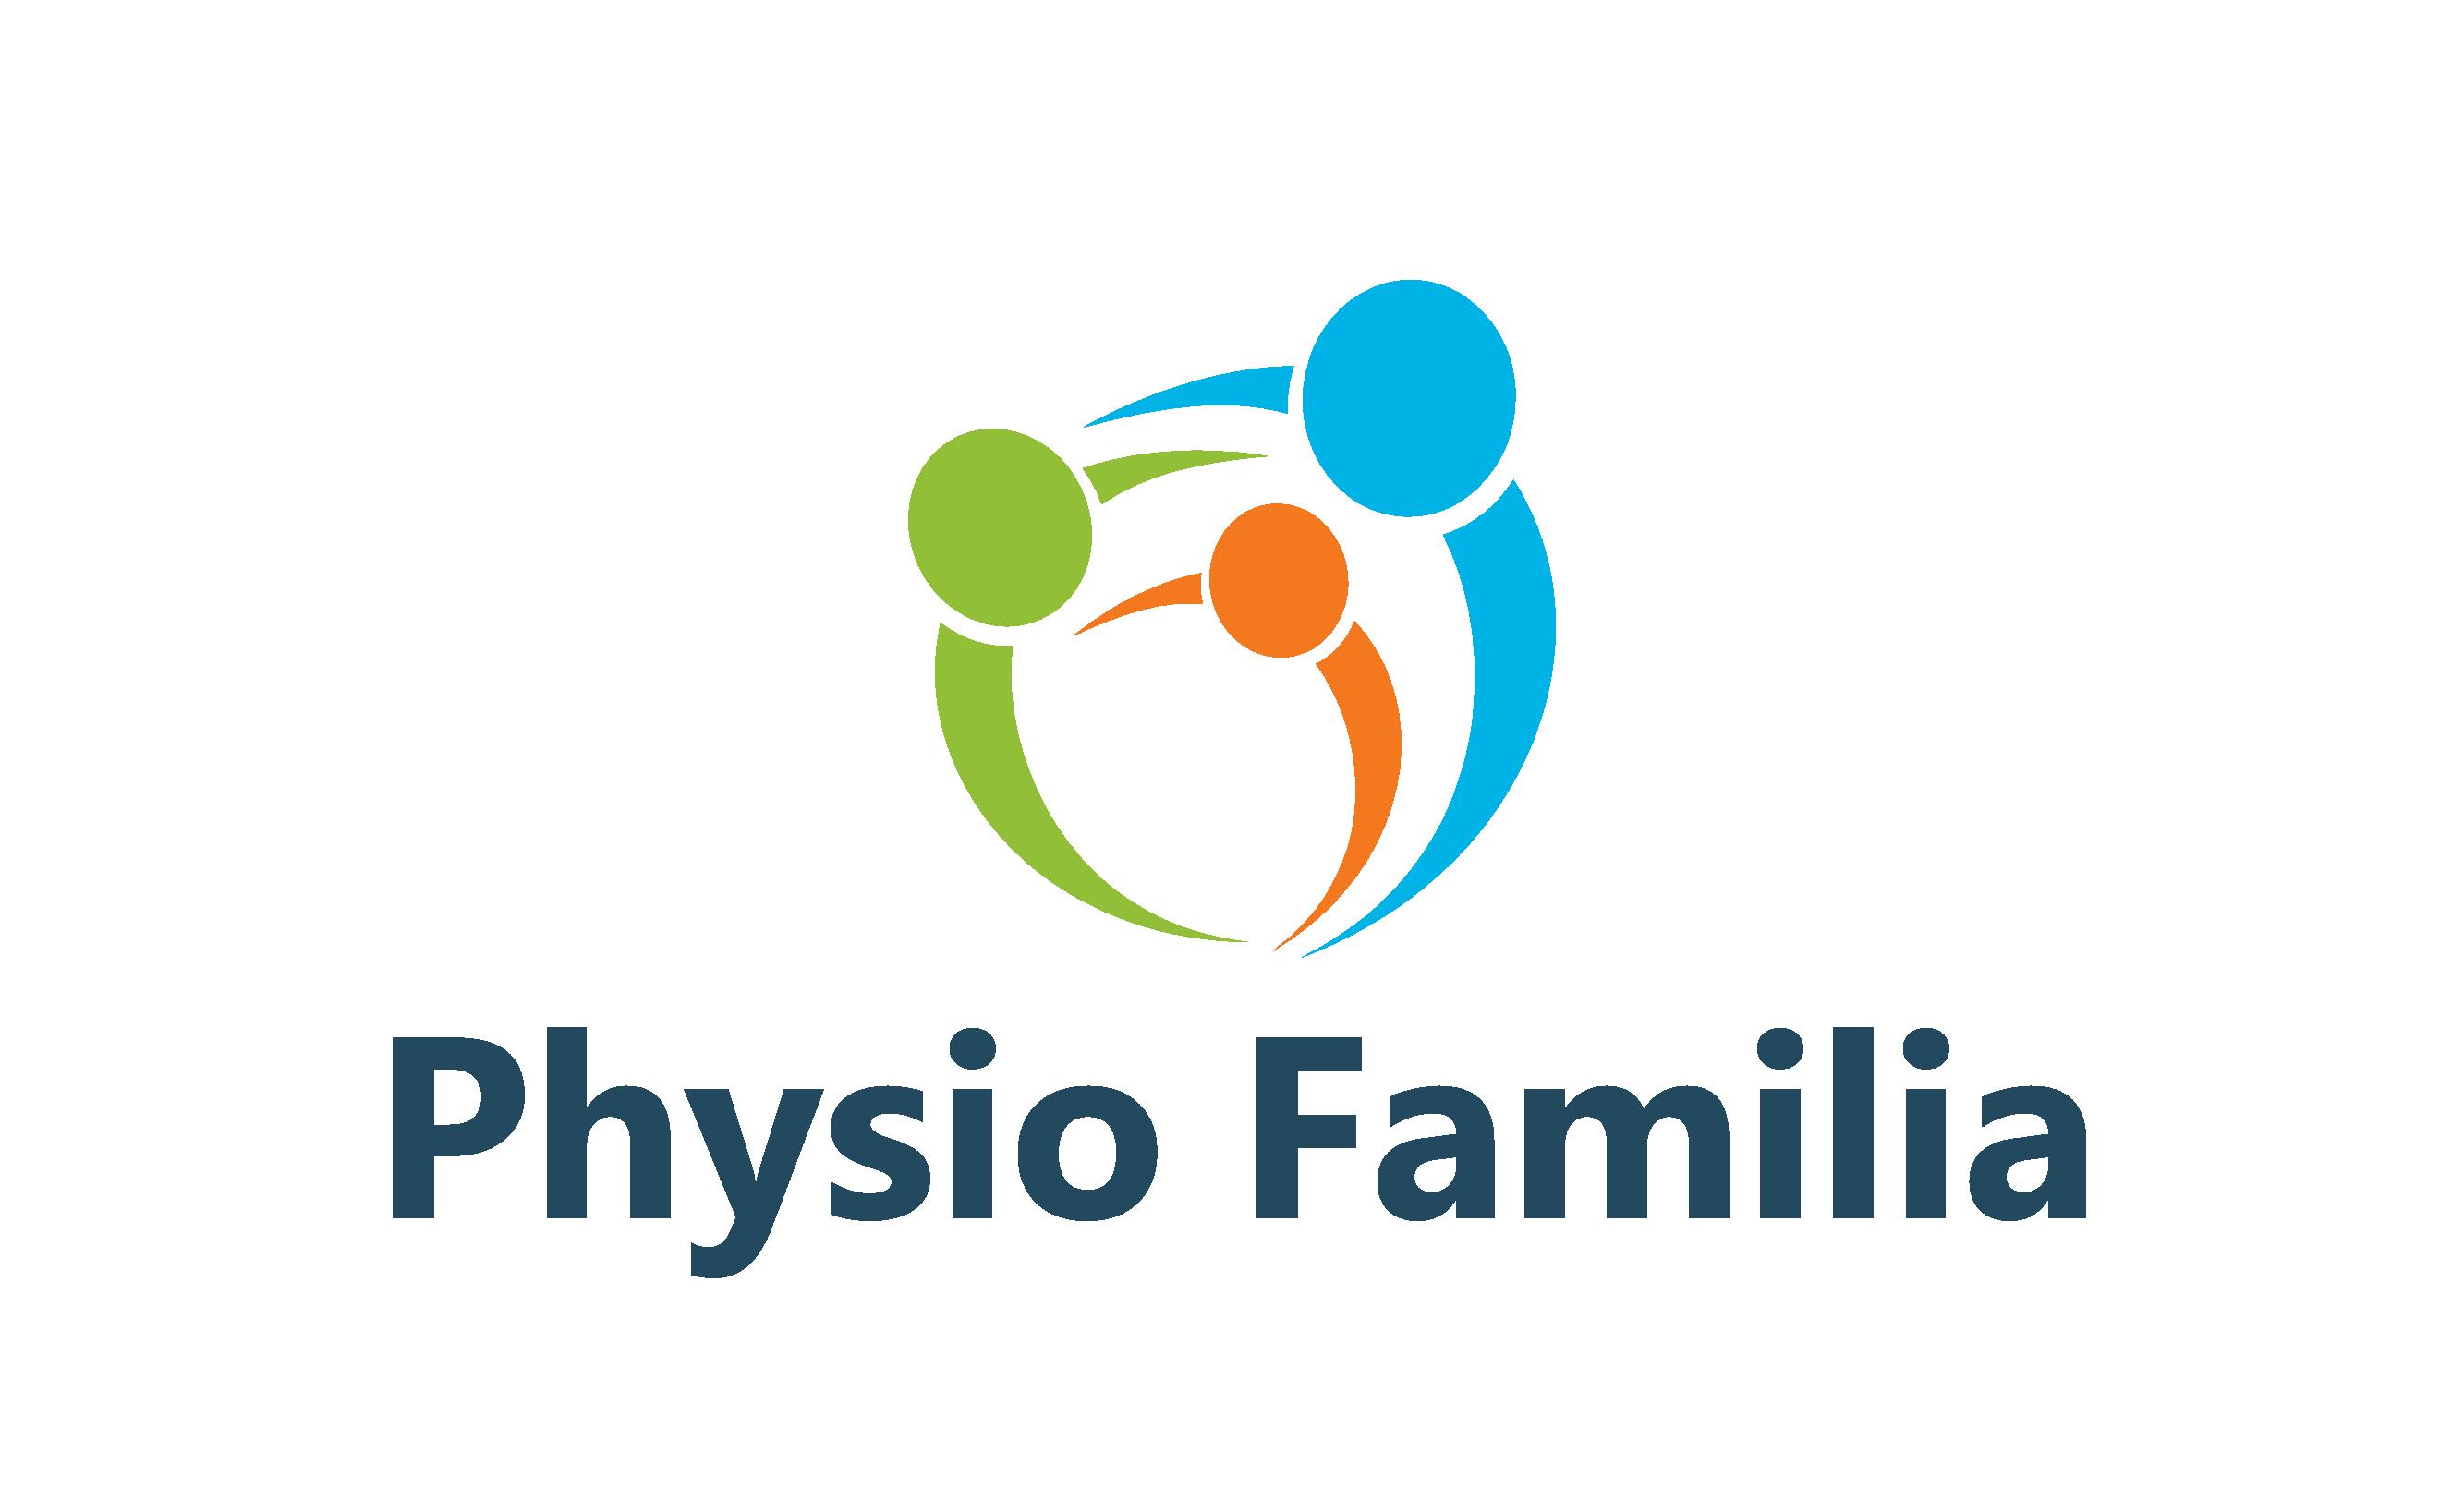 Physio Familia